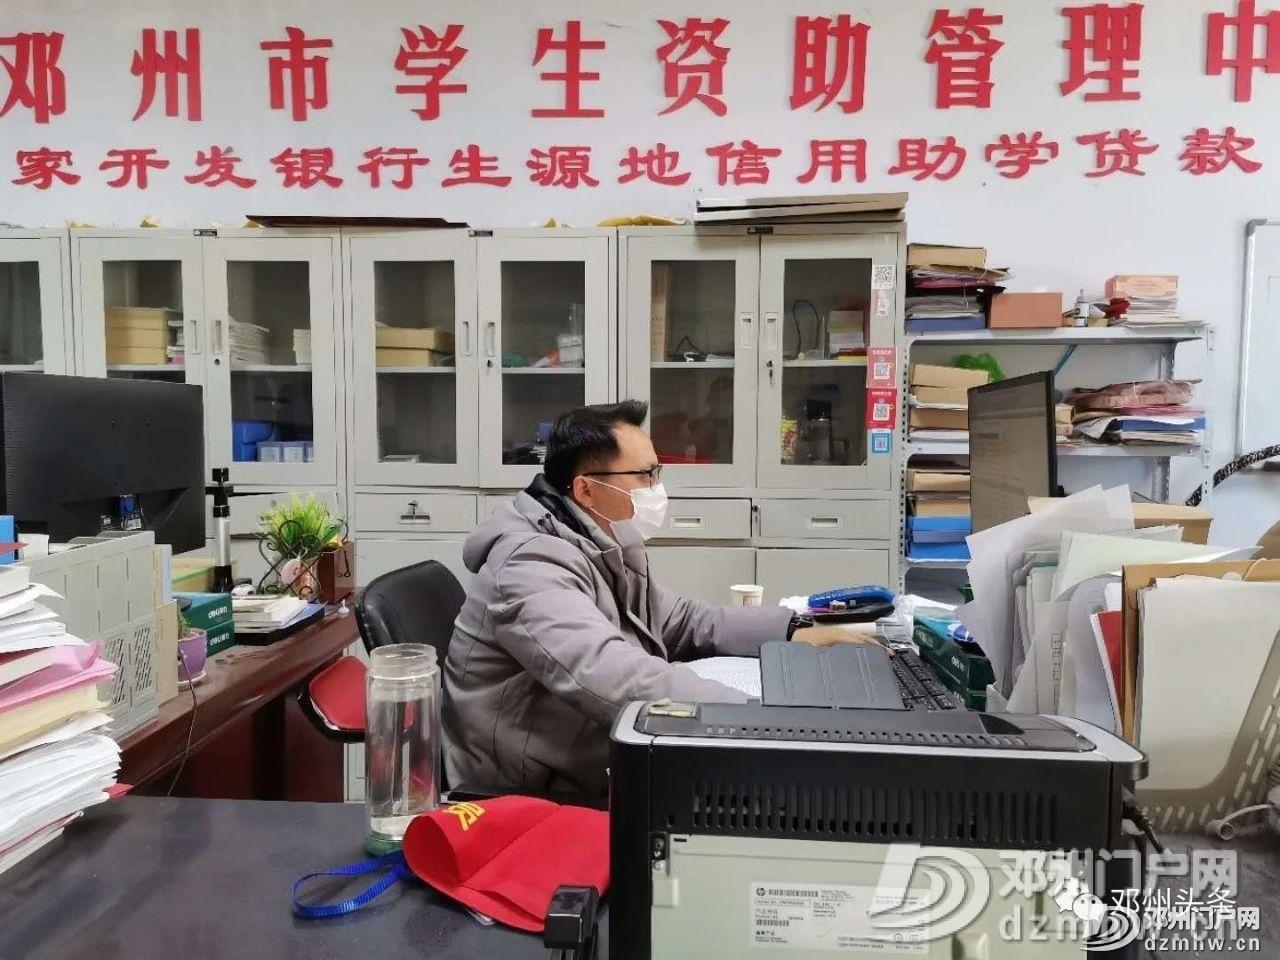 邓州建档立卡家庭学生,第一批资助资金431.97万元已发放到位! - 邓州门户网 邓州网 - 5bd8d22b2b9783ebb335b88c8ab43e28.jpg